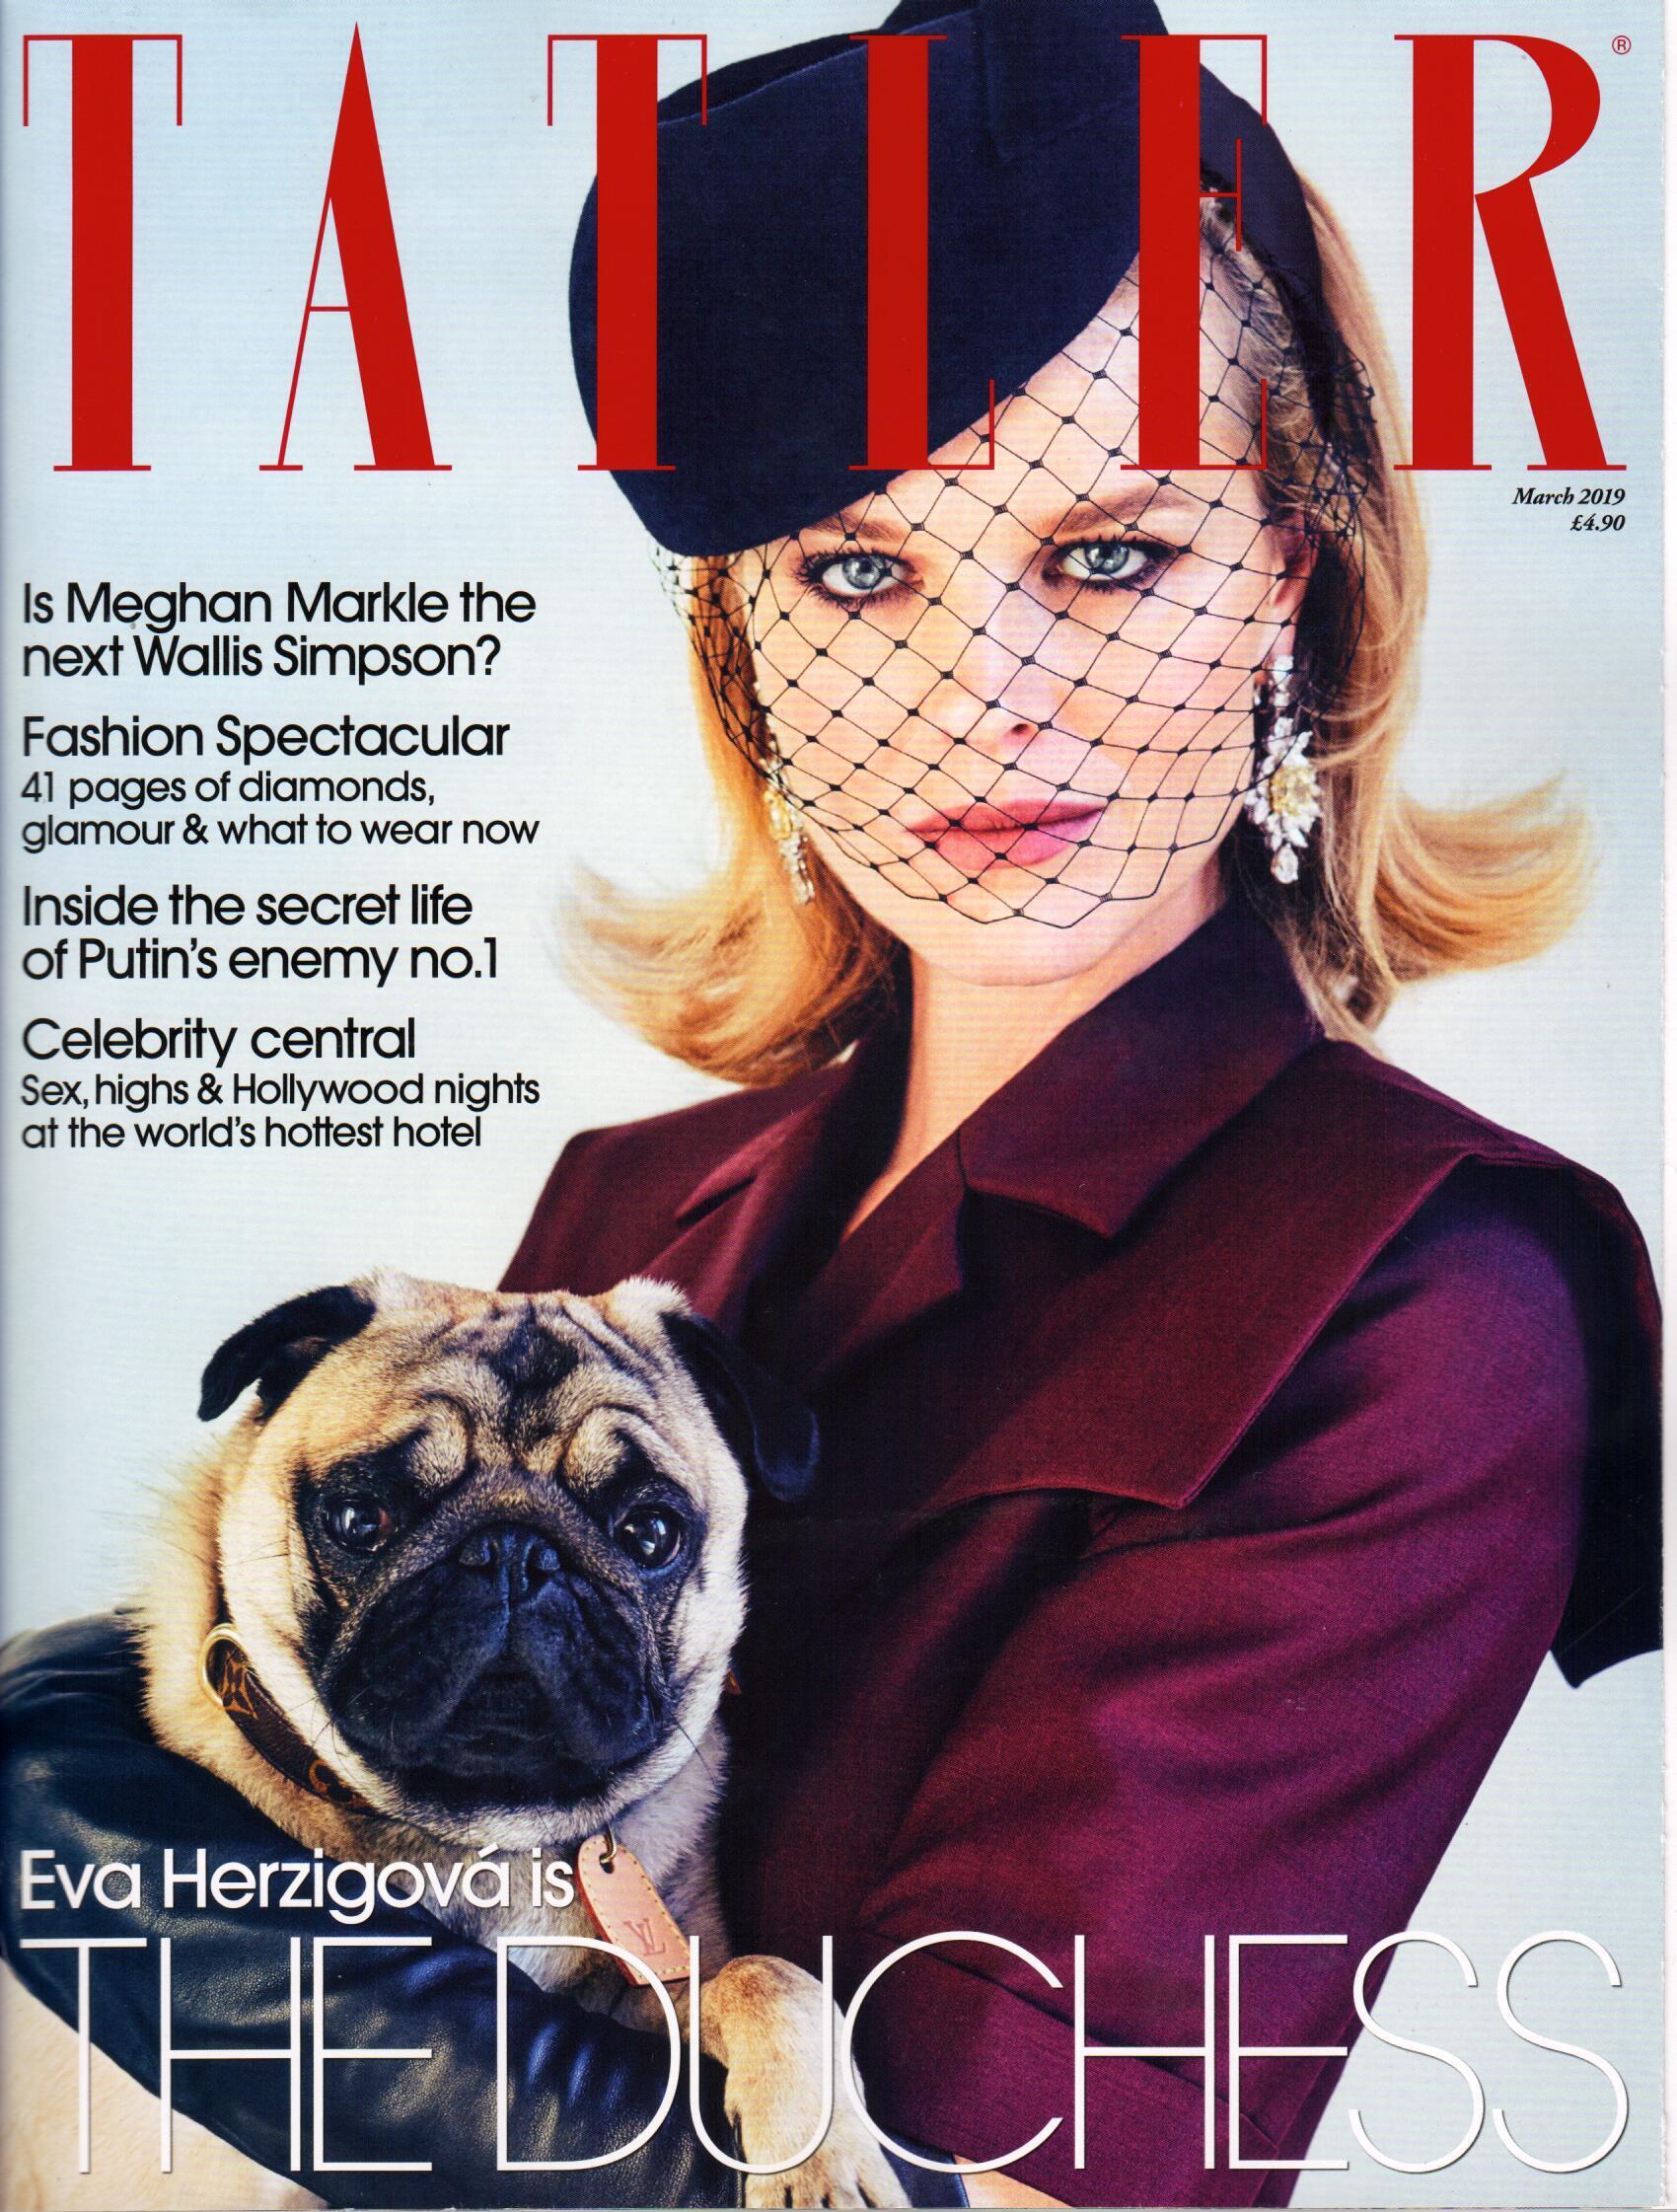 Tatler March 2019 cover.jpg